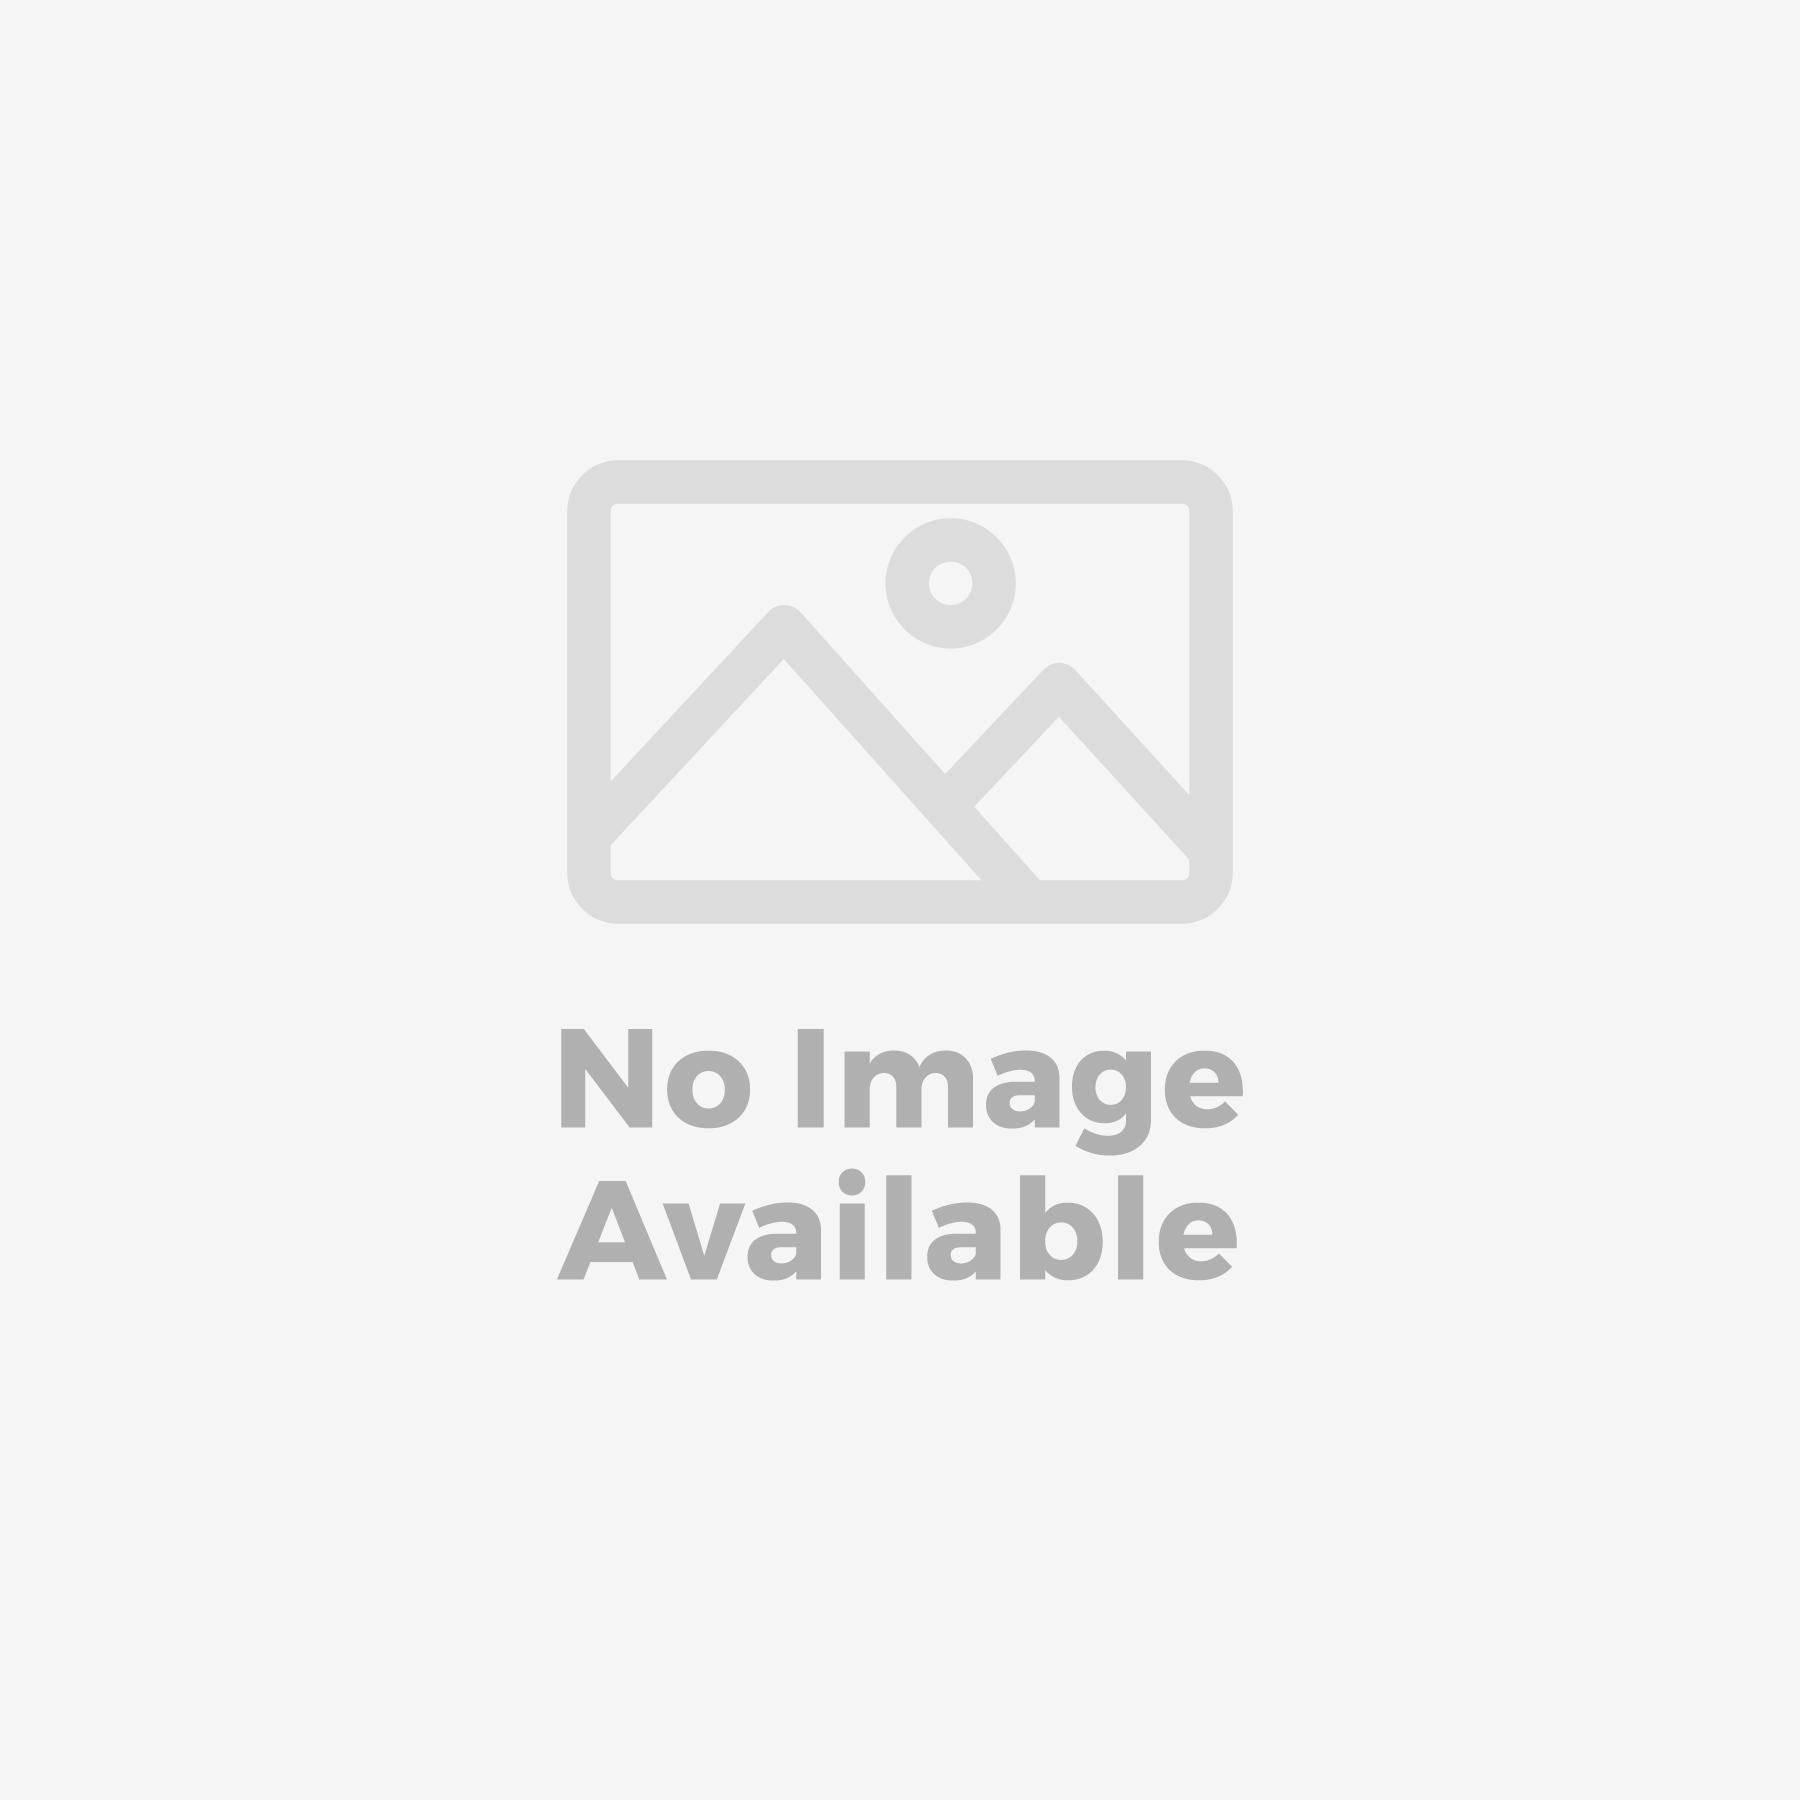 KEMBANG HANGING LAMP